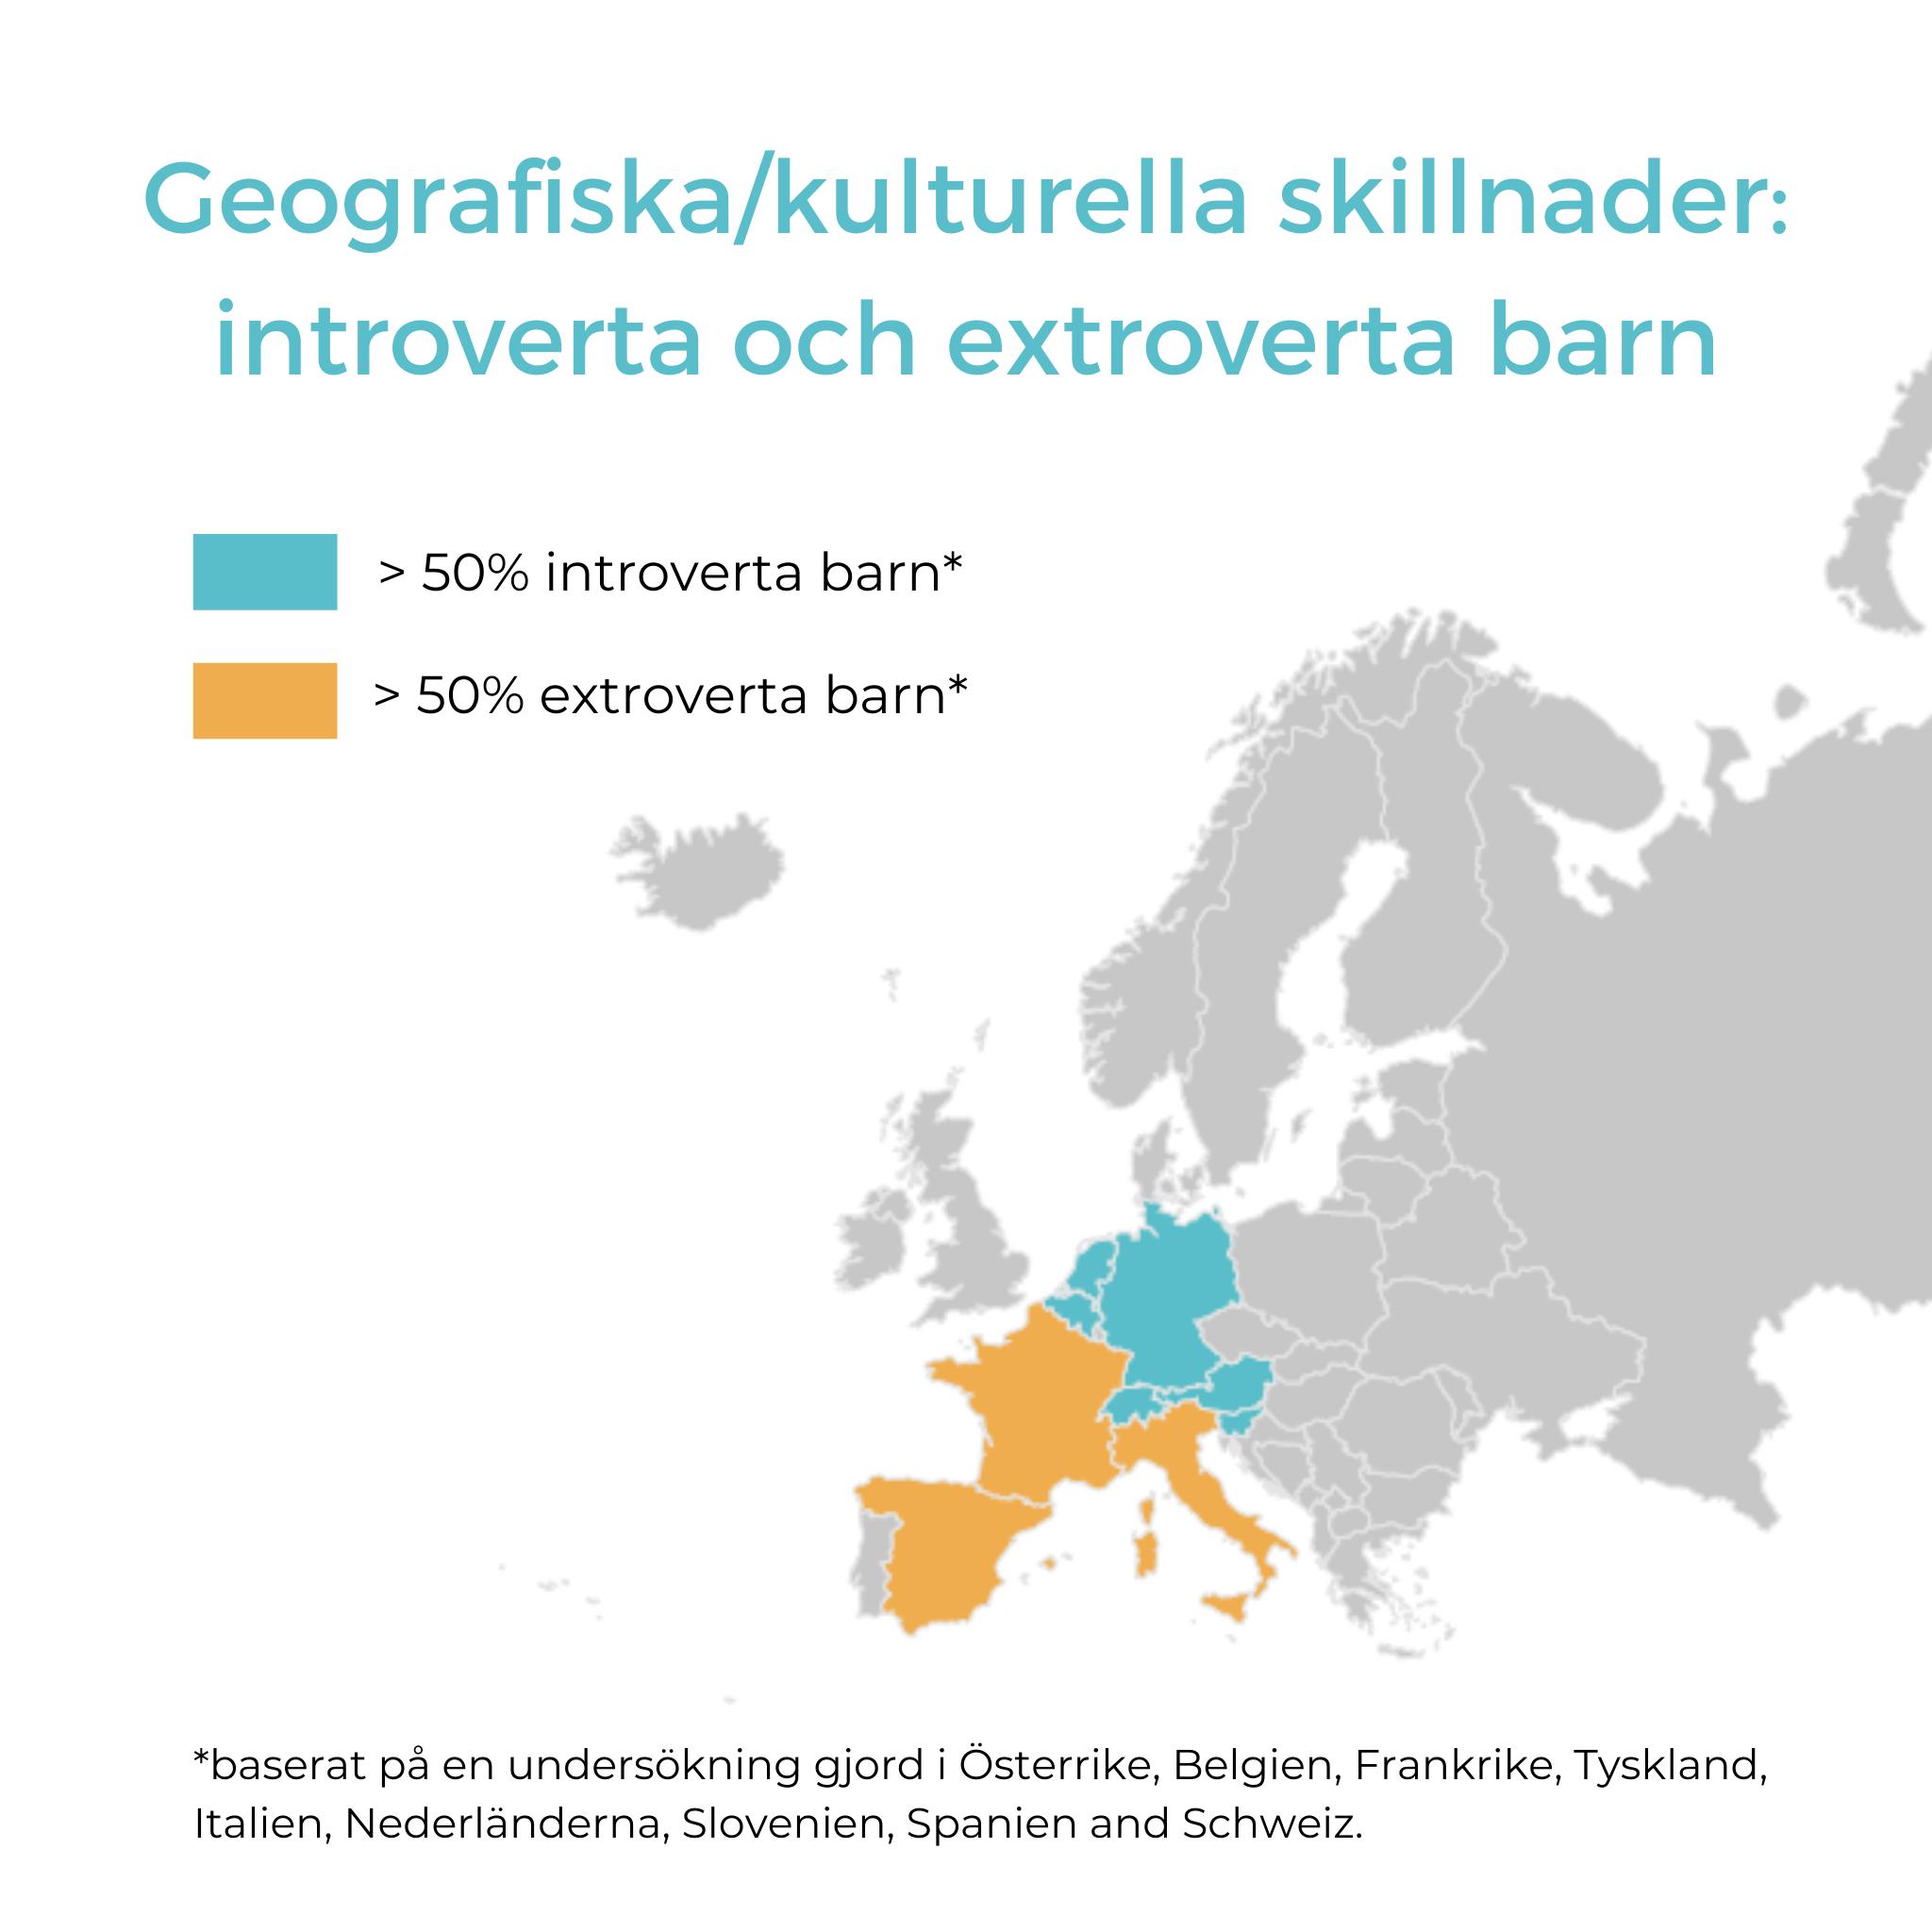 Introverta och extroverta barn i Europa